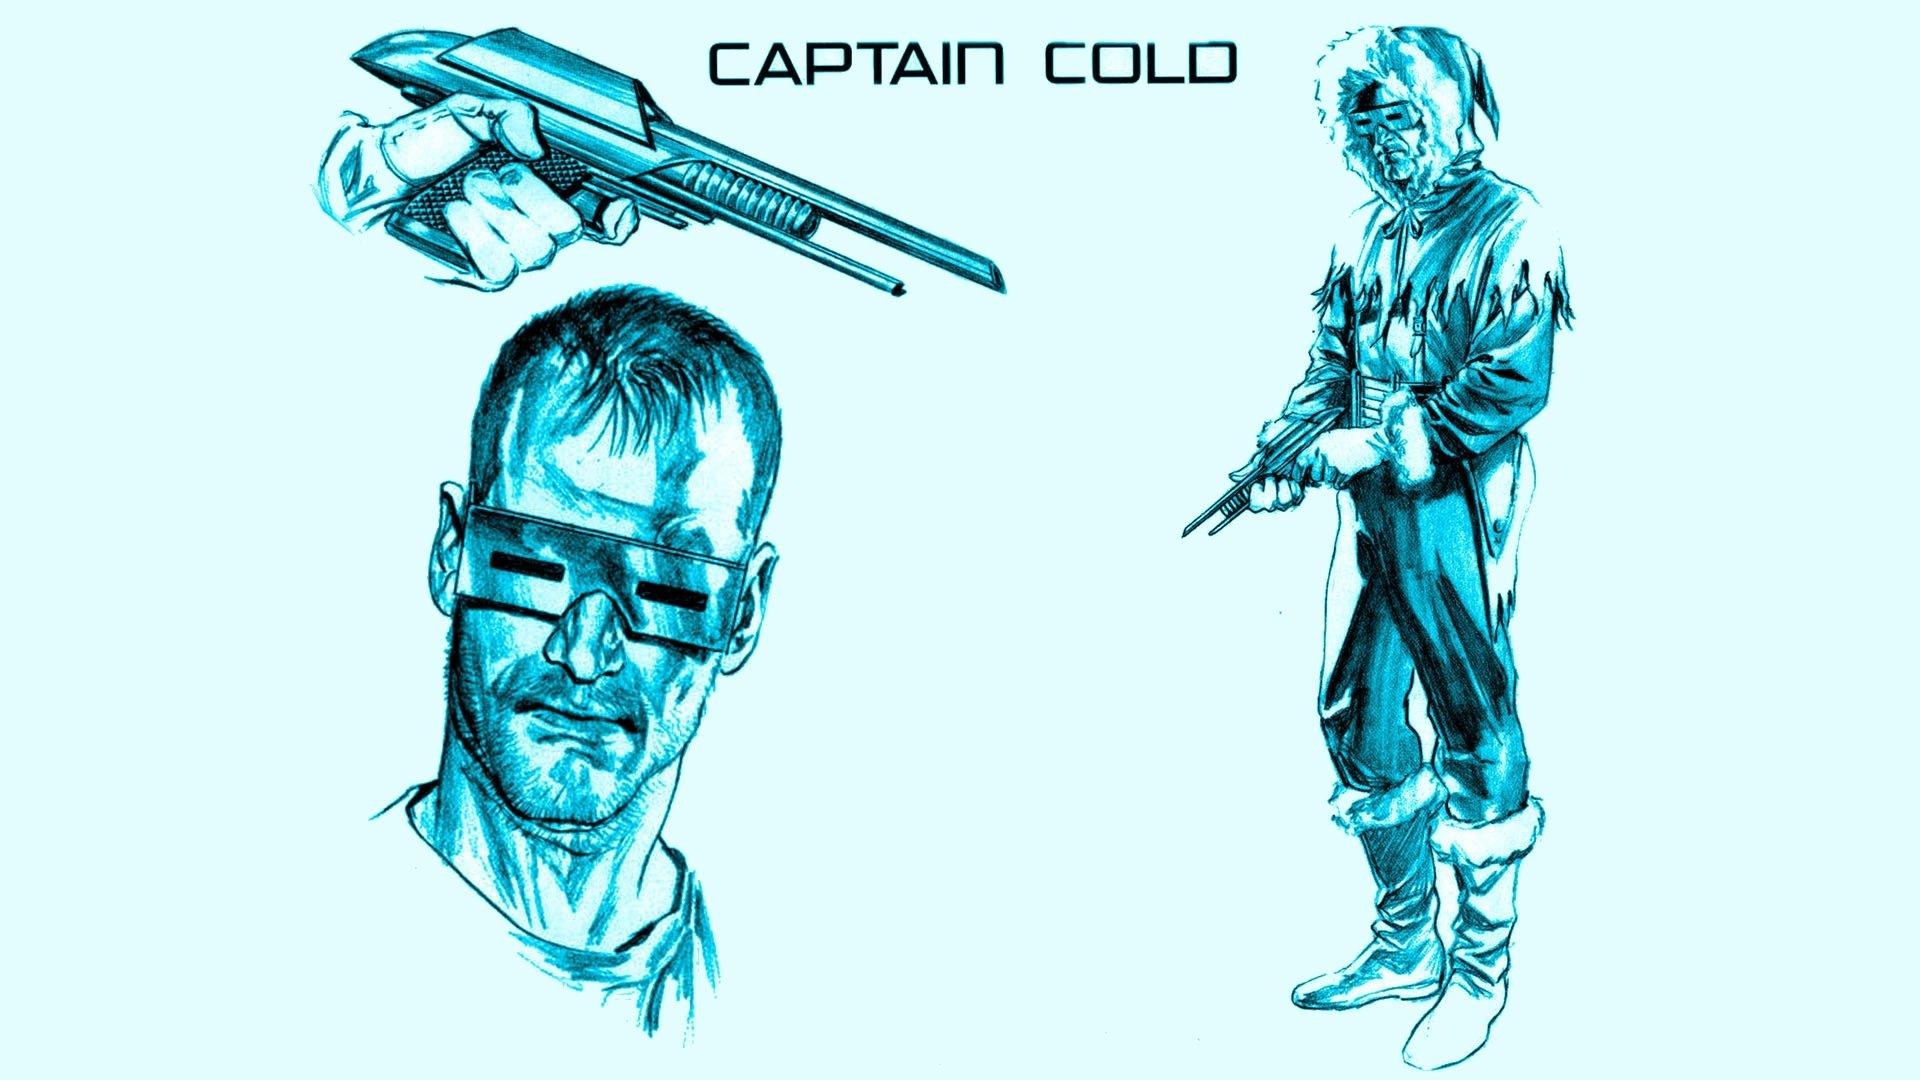 Comics - Captain Cold  Wallpaper